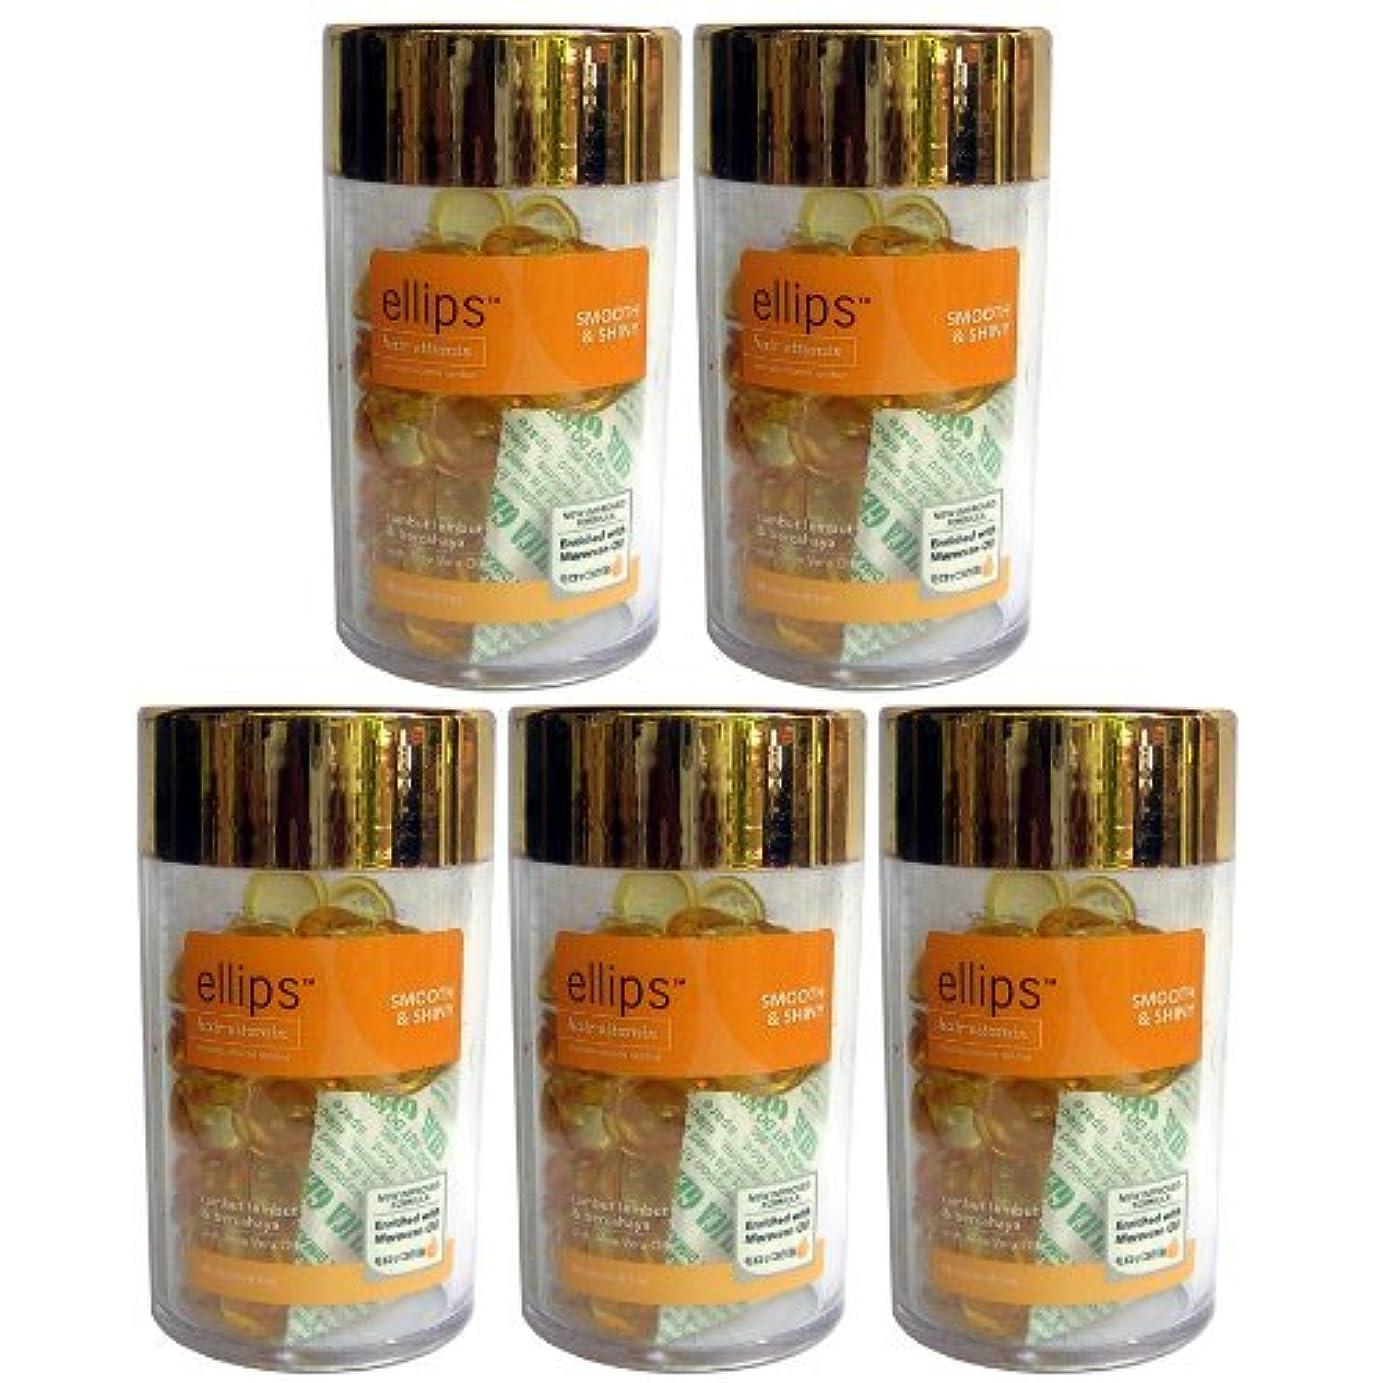 オフ取り除くヘリコプターEllips(エリプス)ヘアビタミン(50粒入)5個セット [並行輸入品][海外直送品] イエロー